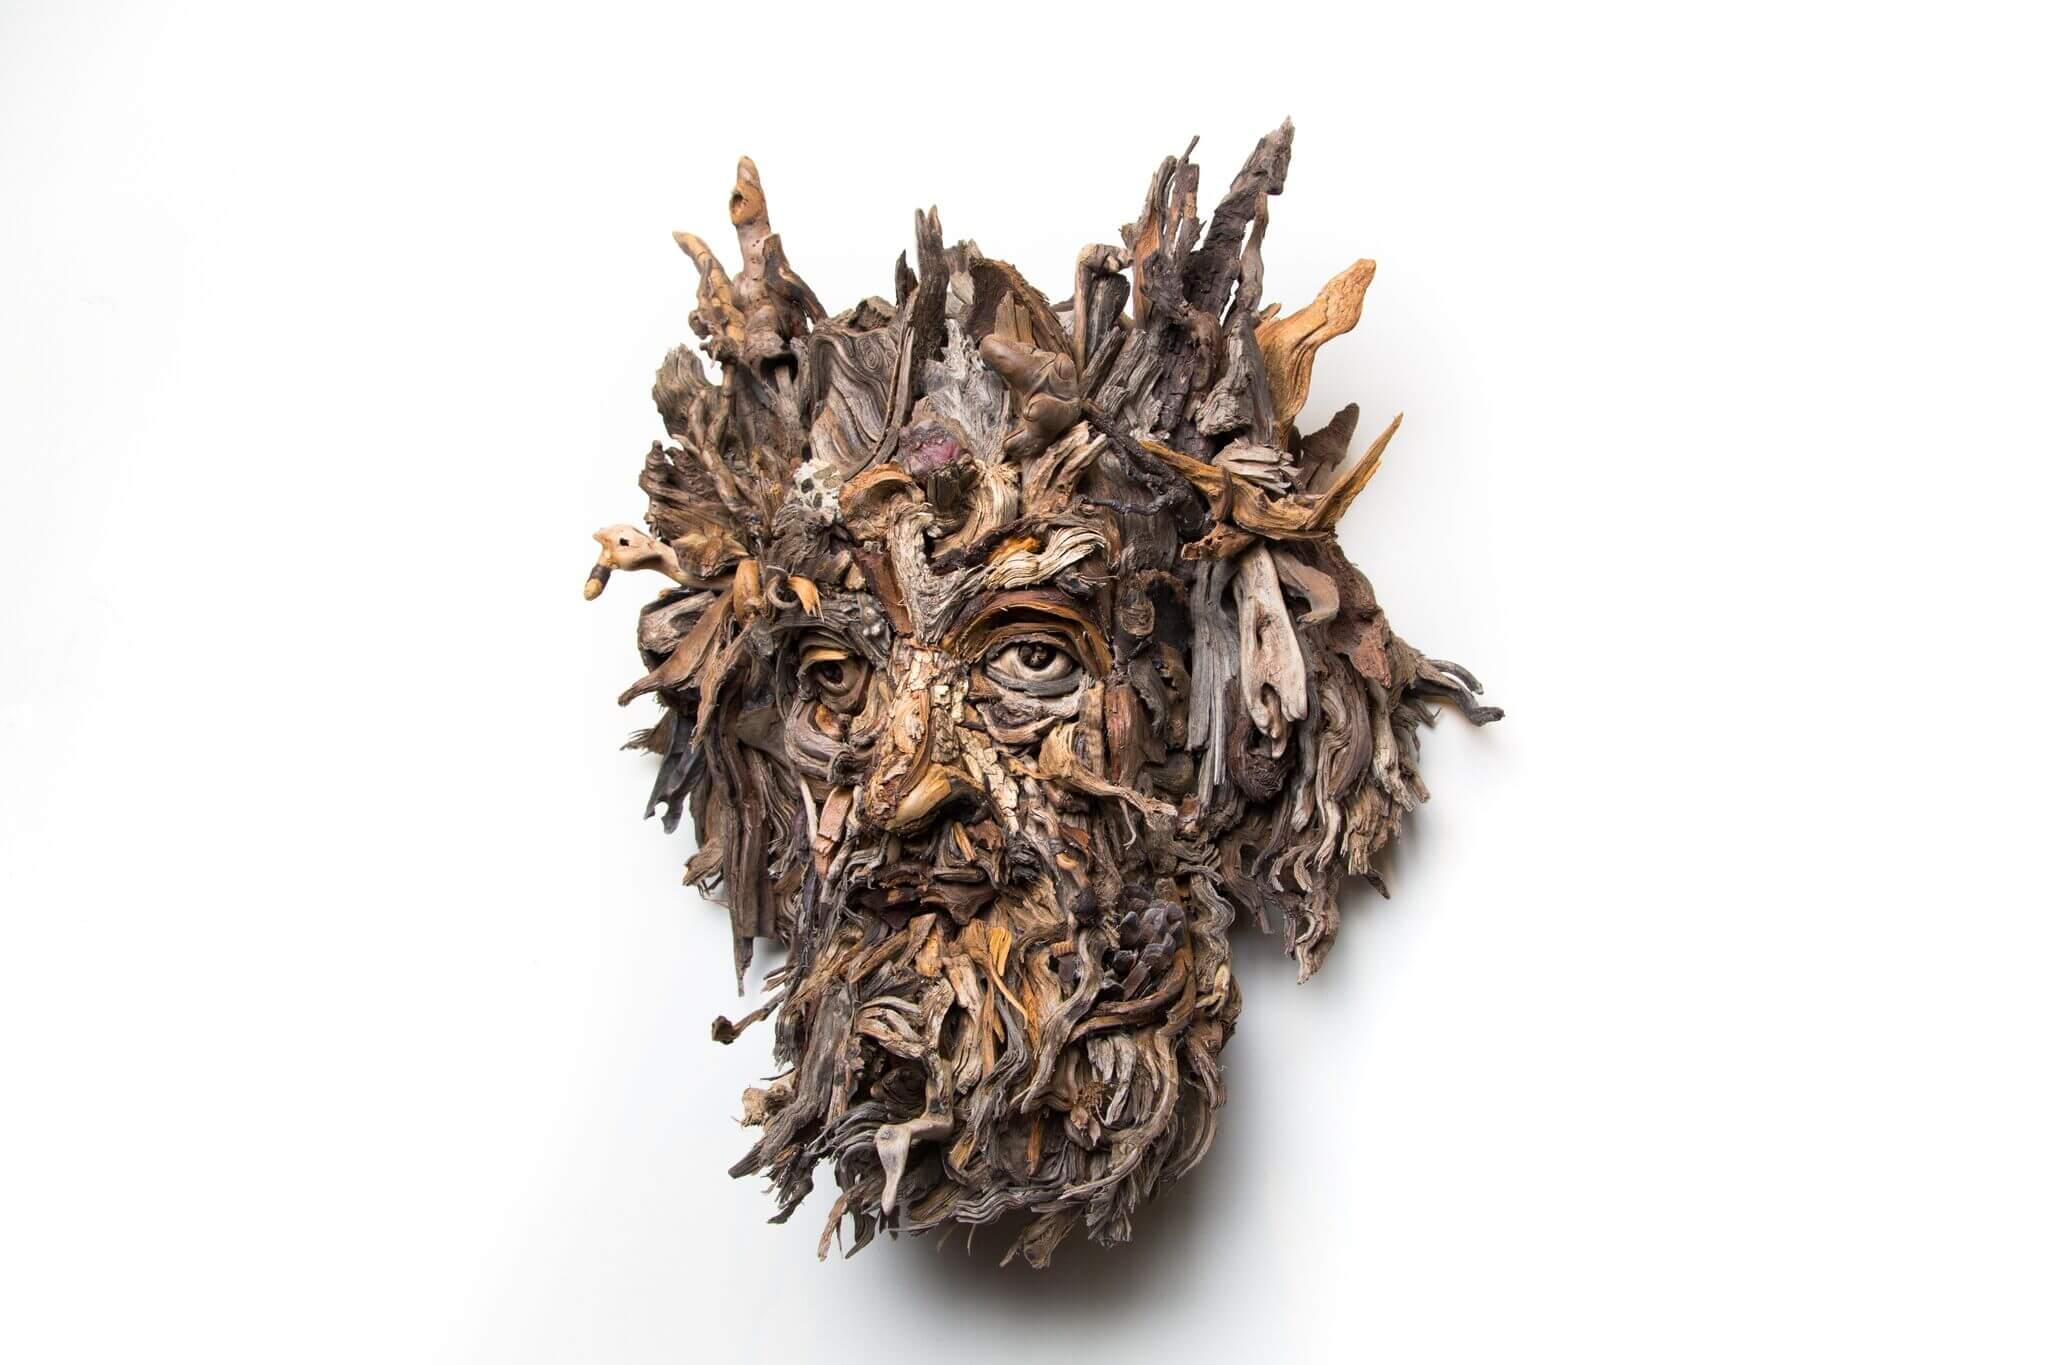 Bennett Ewing wood work 12 (1)